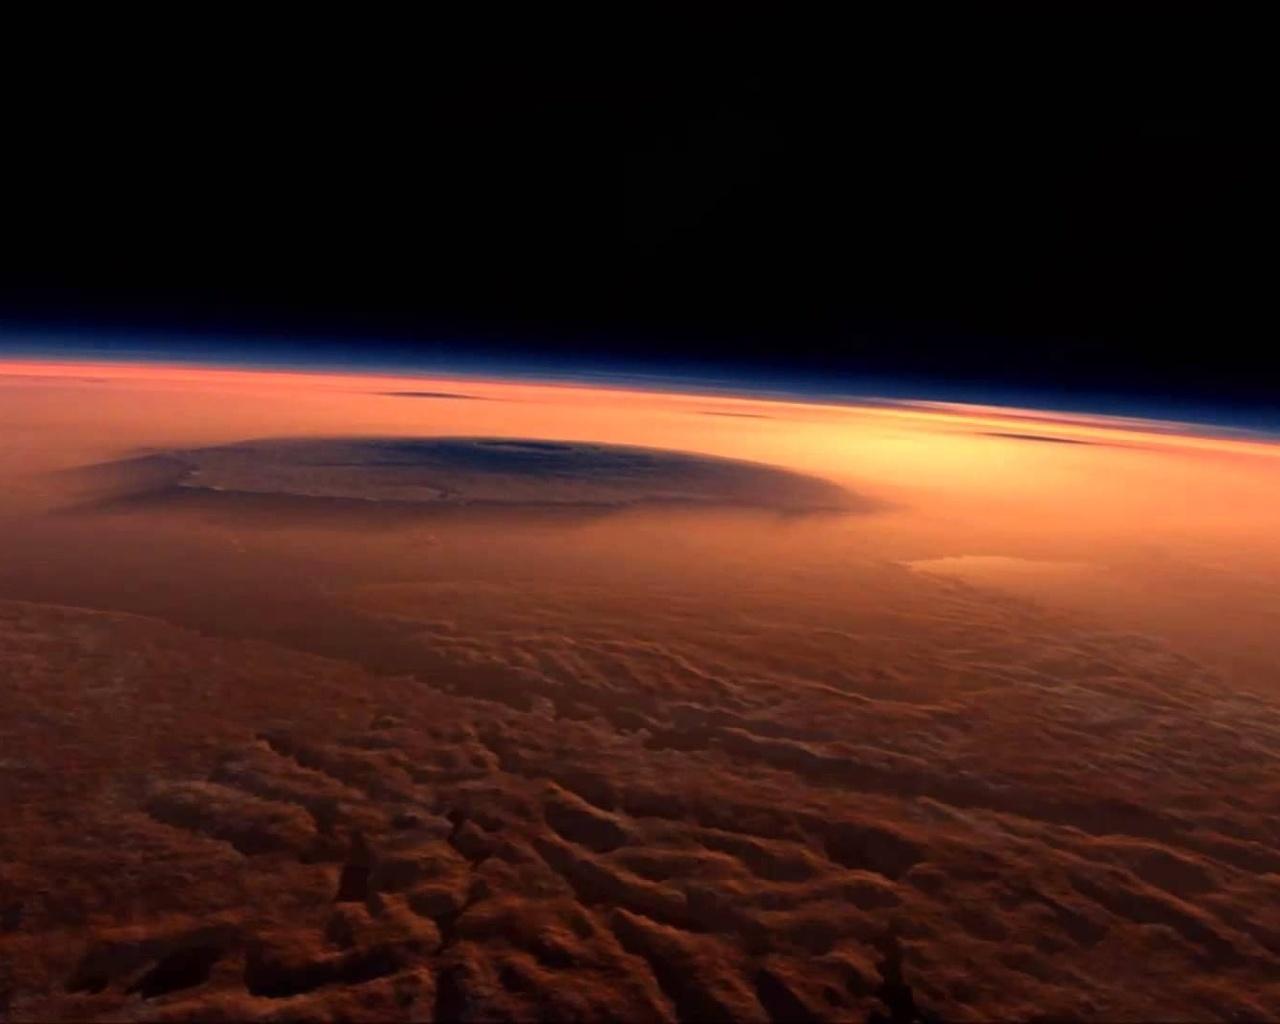 увлечение планета марс фото крупным планом вопрос